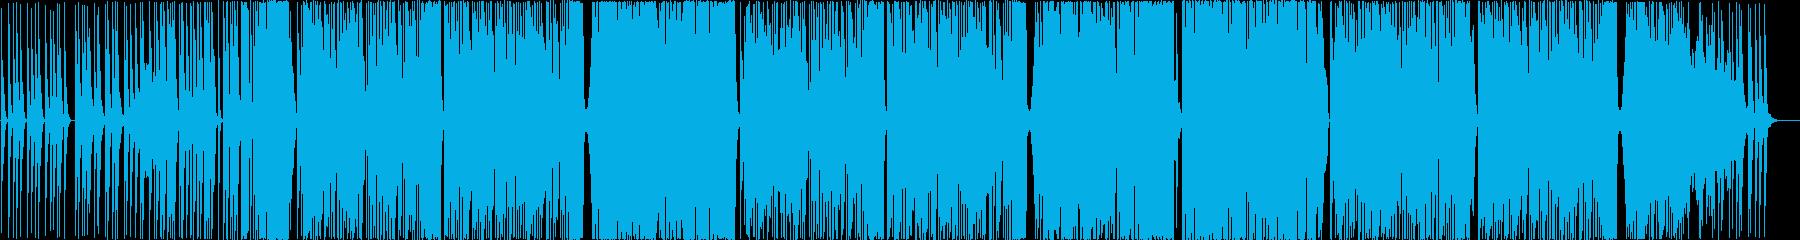 EDM系マシュメロぽいメロディクな曲-2の再生済みの波形